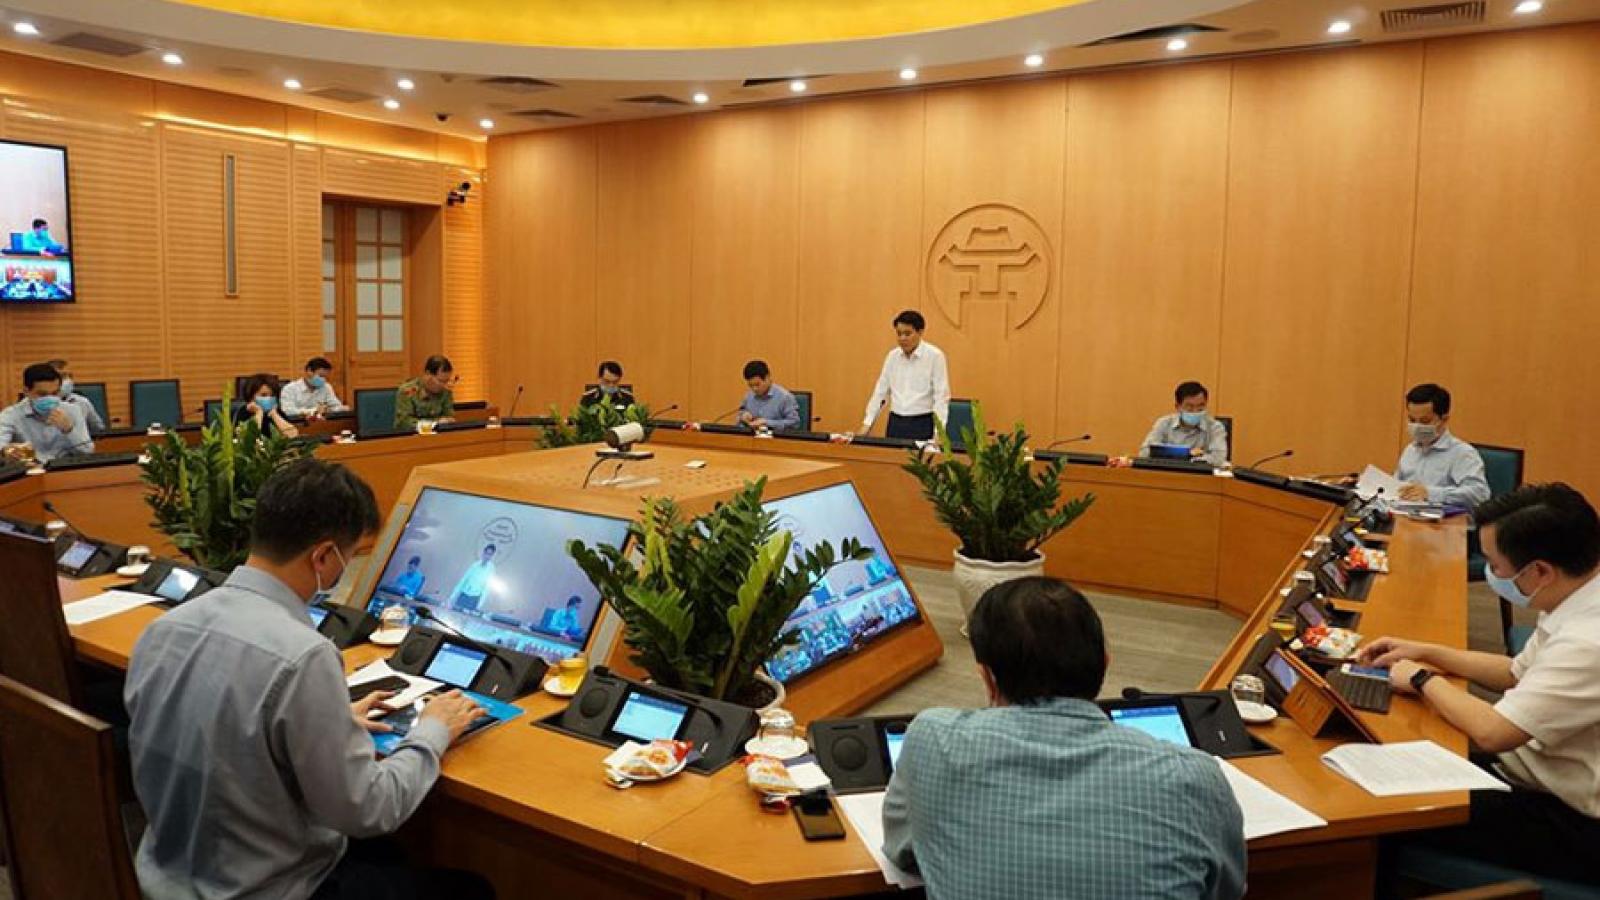 Chủ tịch Thành phố Hà Nội: Chắc chắn chưa thể gỡ hết lệnh cách ly xã hội